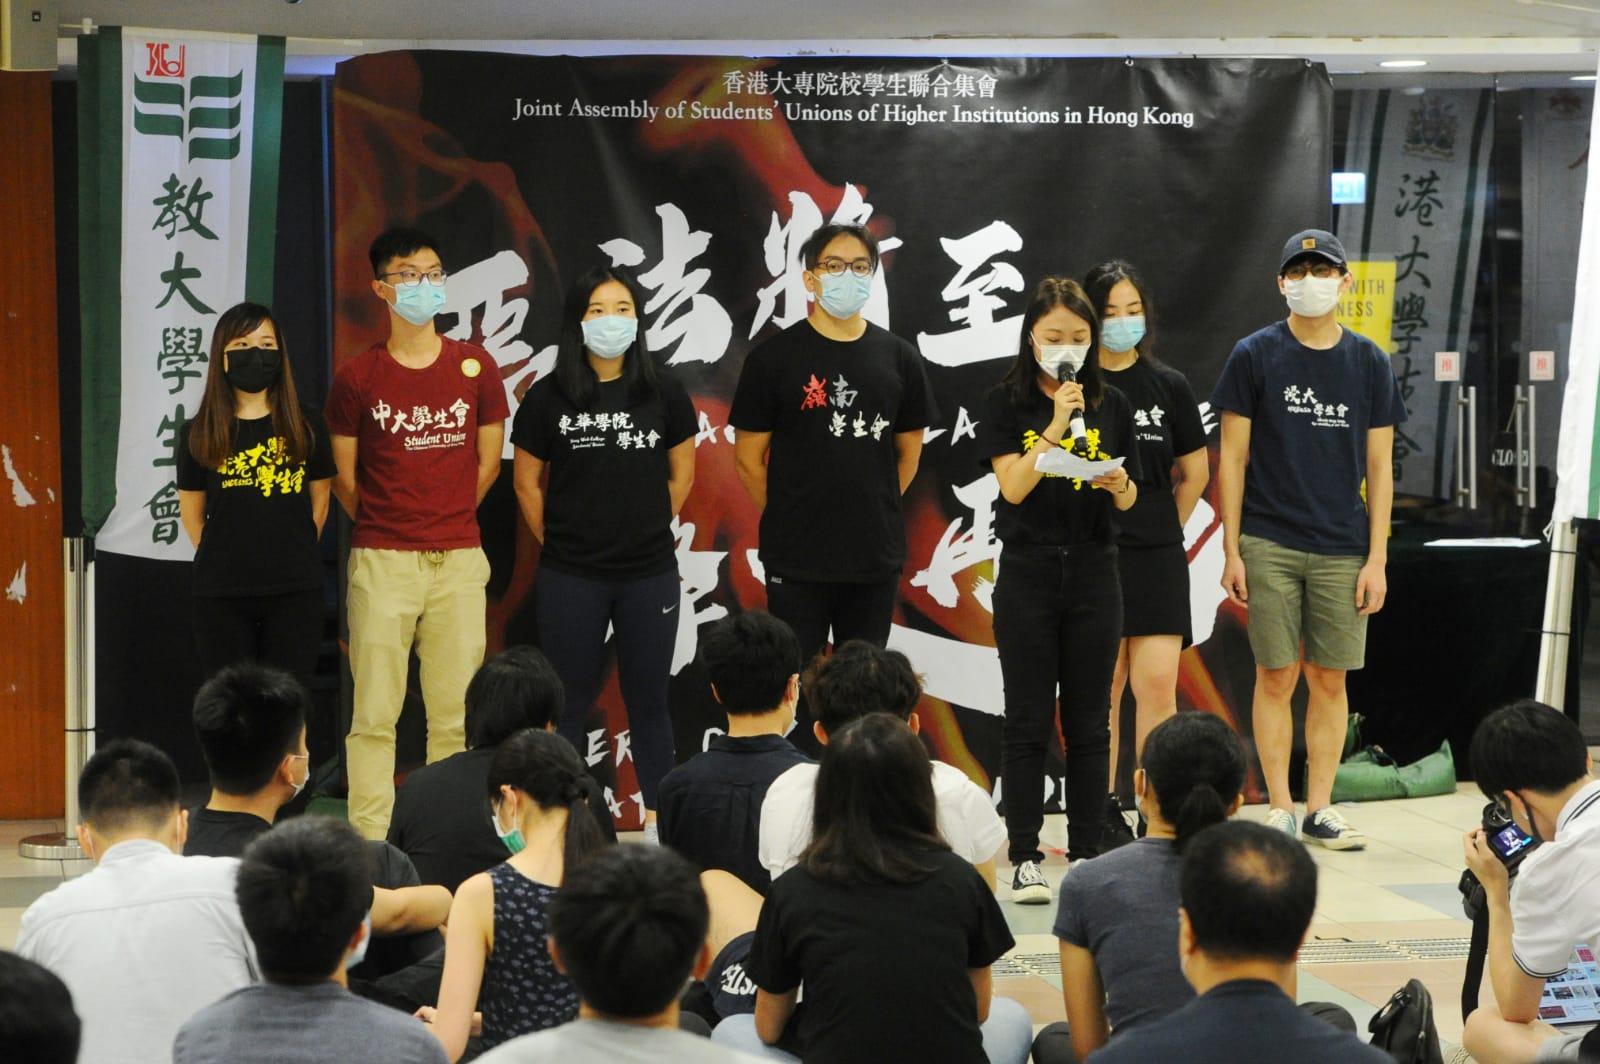 今晚(6月5日),香港大學、香港中文大學、香港教育大學等6間大專院校的學生會聯合發起「惡法將至,烽火再起」集會。(宋碧龍/大紀元)